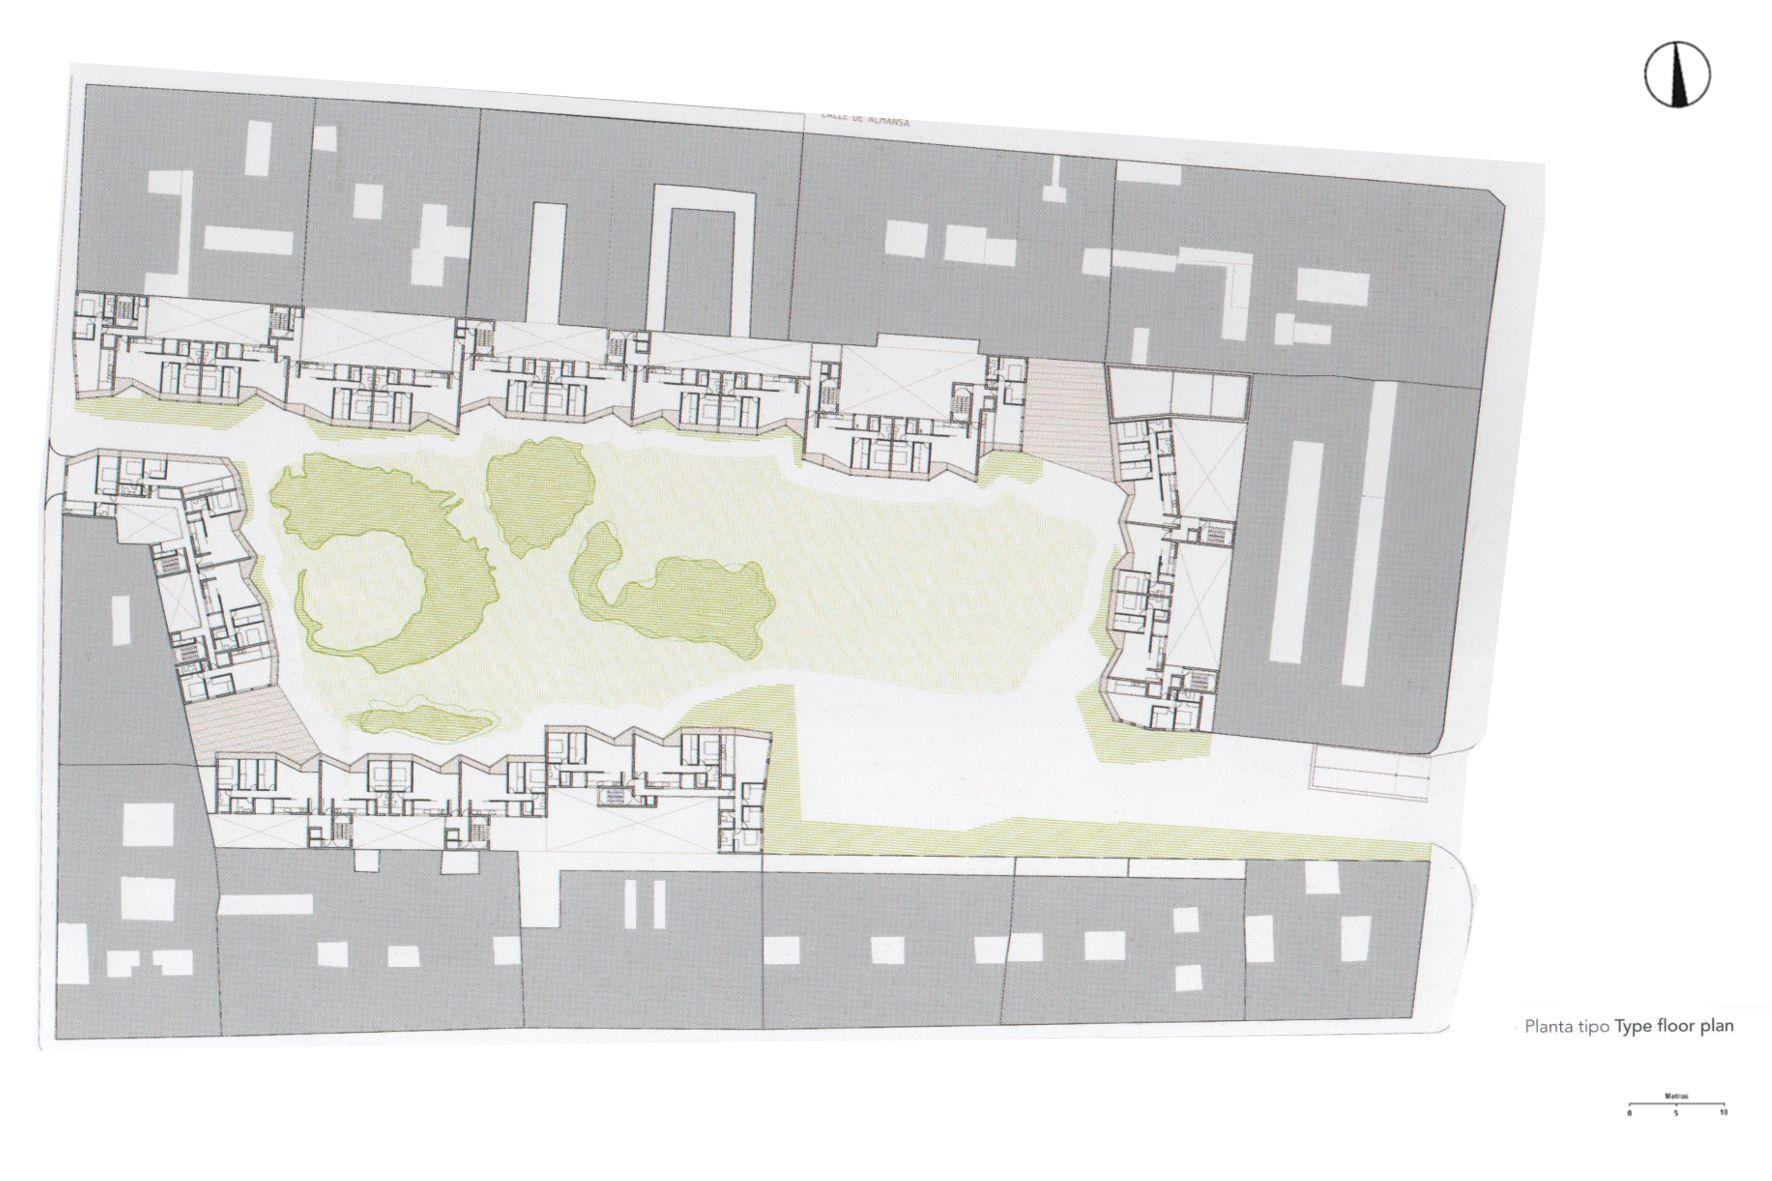 Estudio fam calle bravo murillo 115 madrid 2009 for Estudios arquitectura madrid